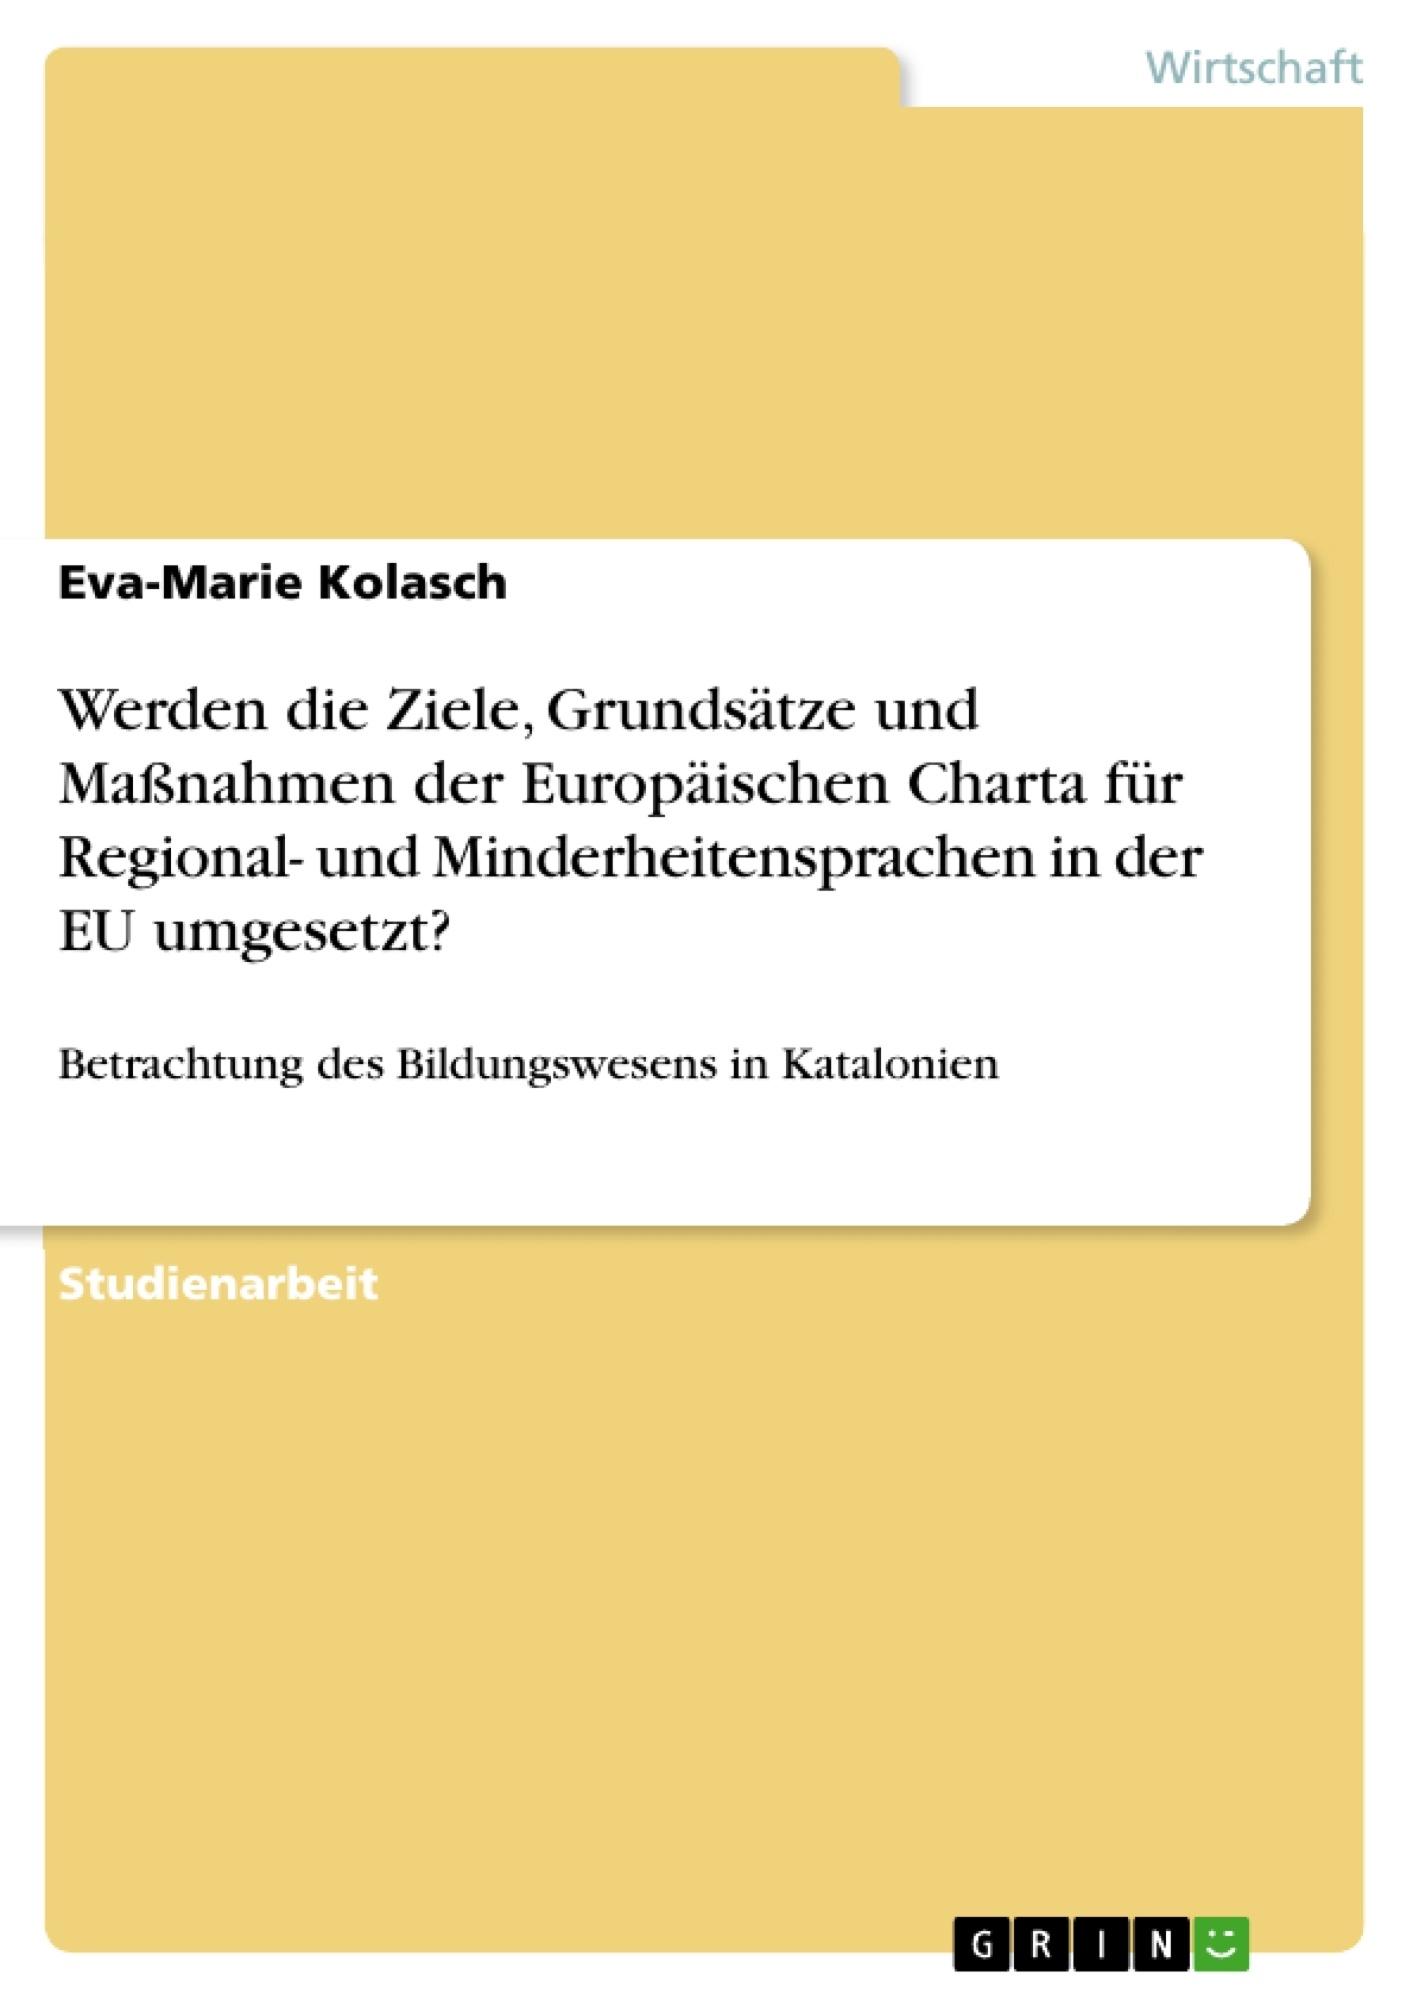 Titel: Werden die Ziele, Grundsätze und Maßnahmen der Europäischen Charta für Regional- und Minderheitensprachen in der EU umgesetzt?